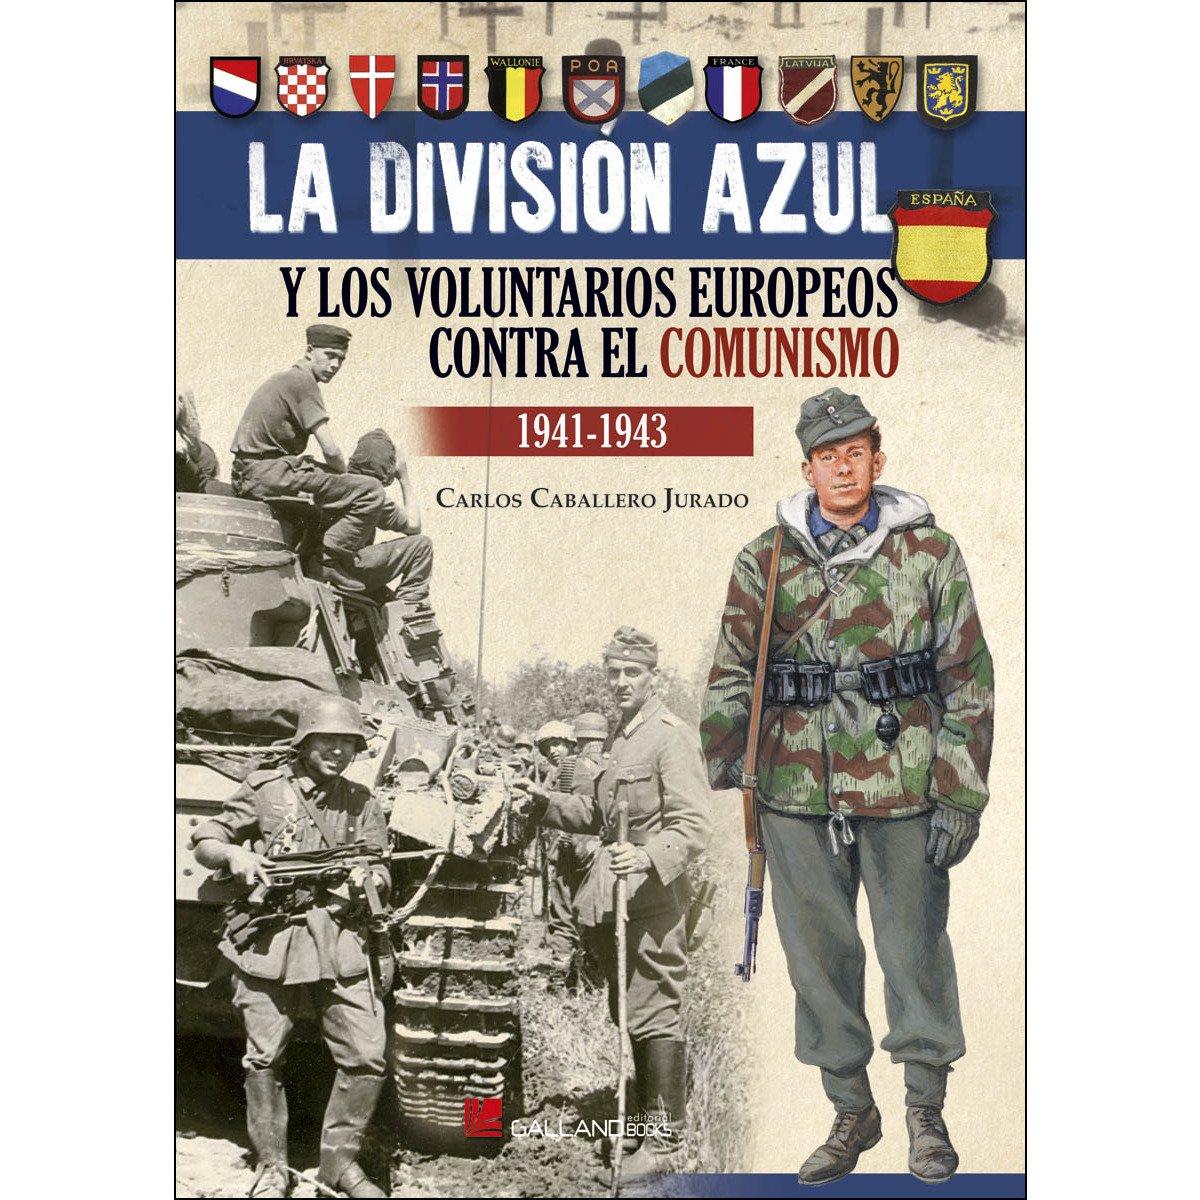 La división azul y los voluntarios europeos contra el comunismo: Amazon.es: Caballero Jurado, Carlos: Libros